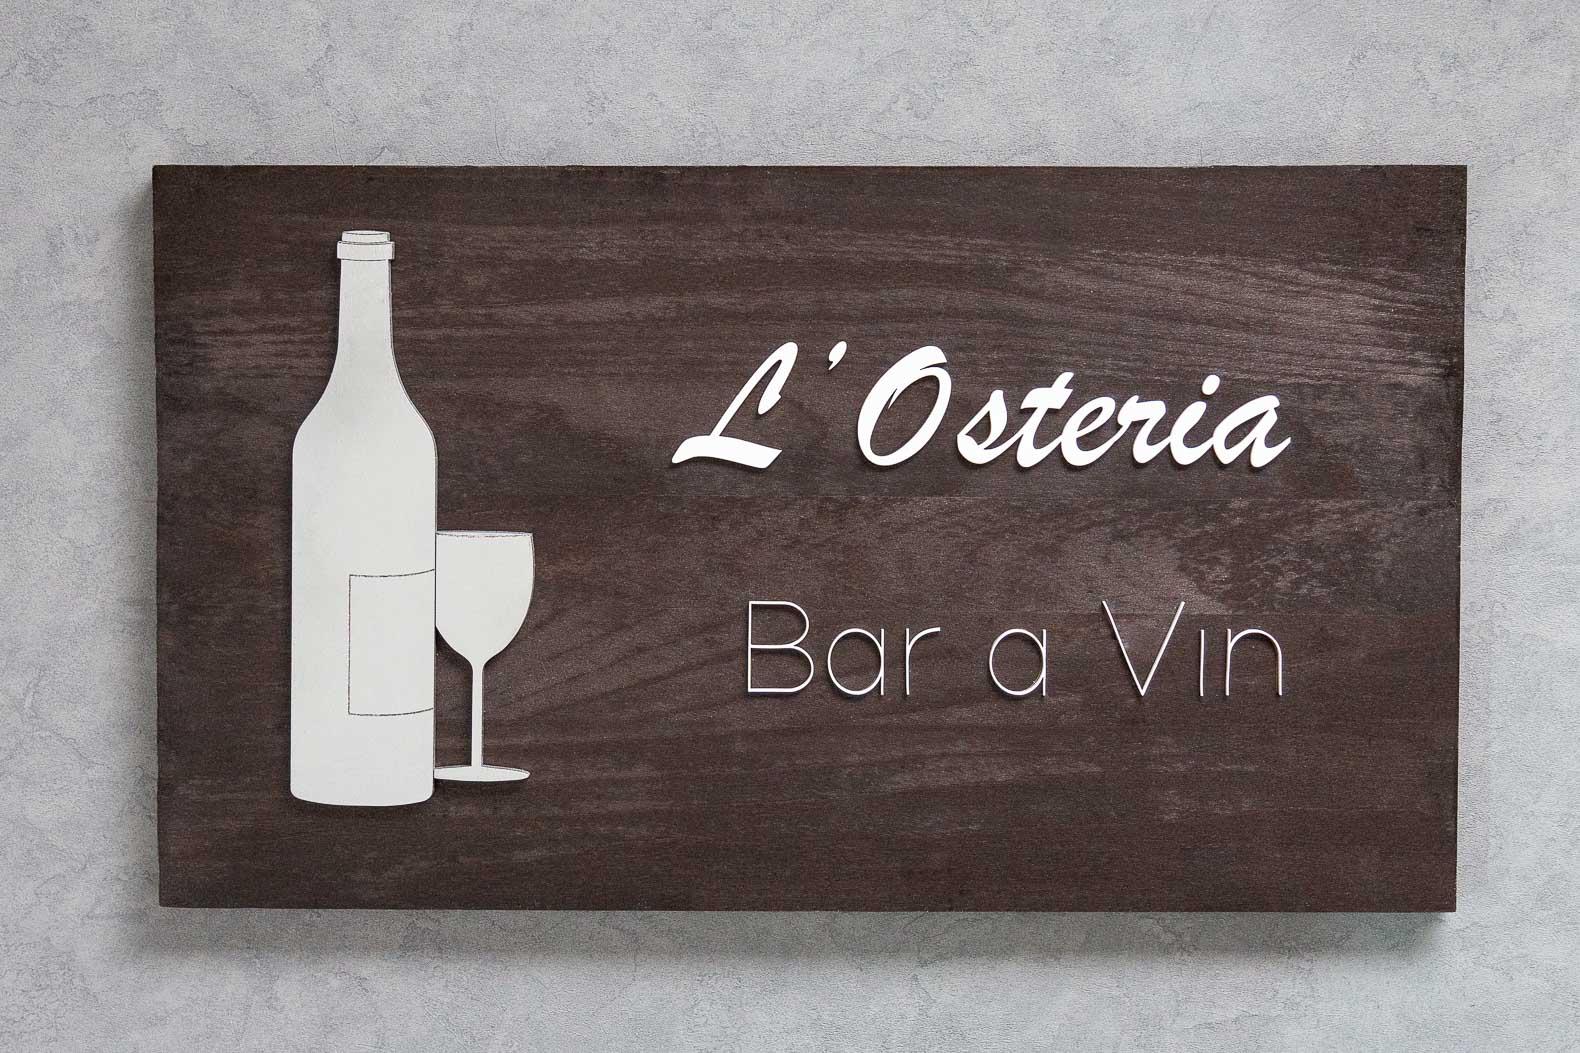 logo signaletique enseigne bois d magasin bureau restaurant